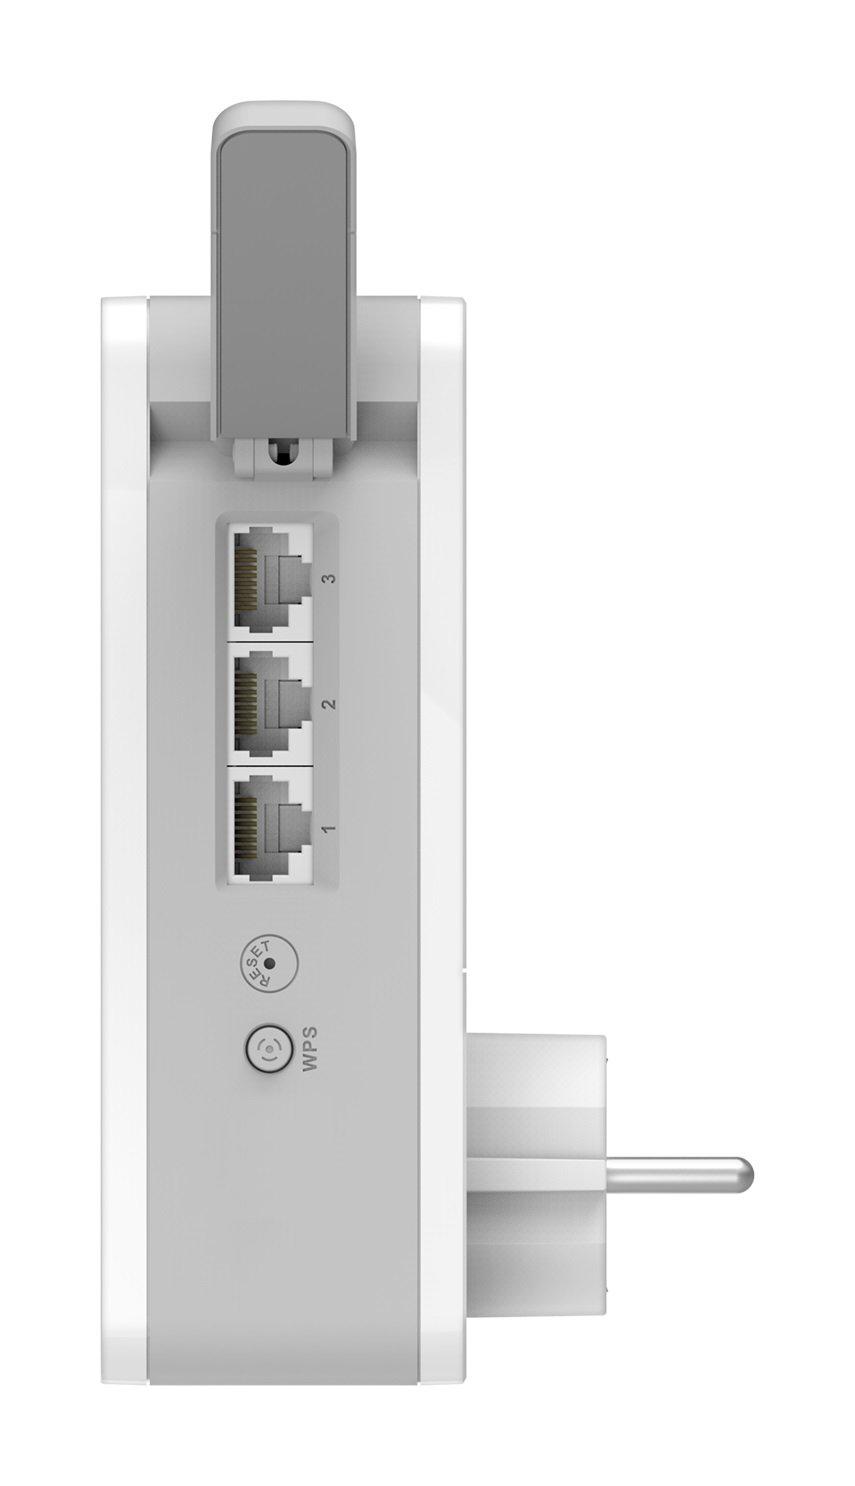 D-Link WiFi MESH Solution Hybride Wi-Fi pr/éconfigur/é il suffit de brancher Un unique nom Wi-Fi- Id/éal pour couvrir toute la maison en WiFi COVR-P2502 CPL pour couvrir toute la maison